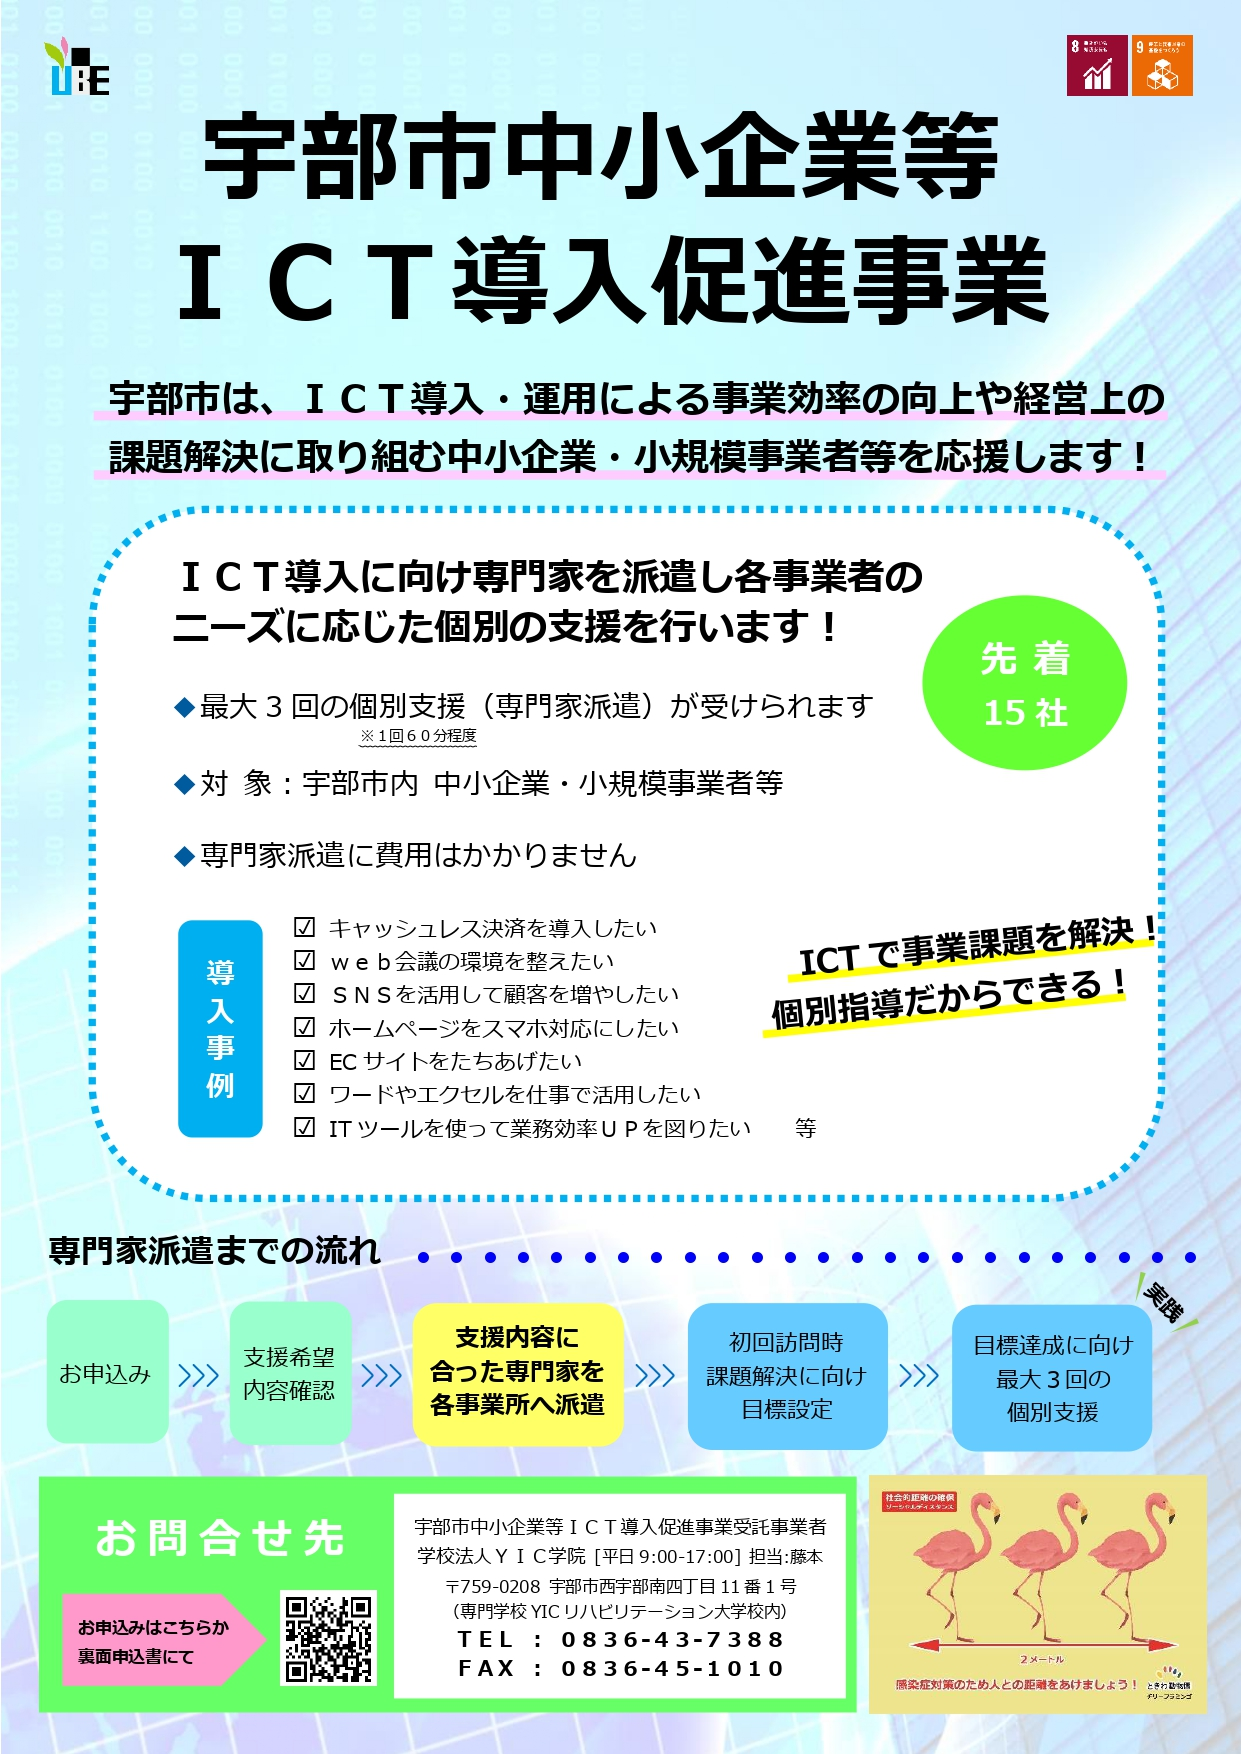 【募集終了しました】宇部市中小企業等ICT導入促進事業